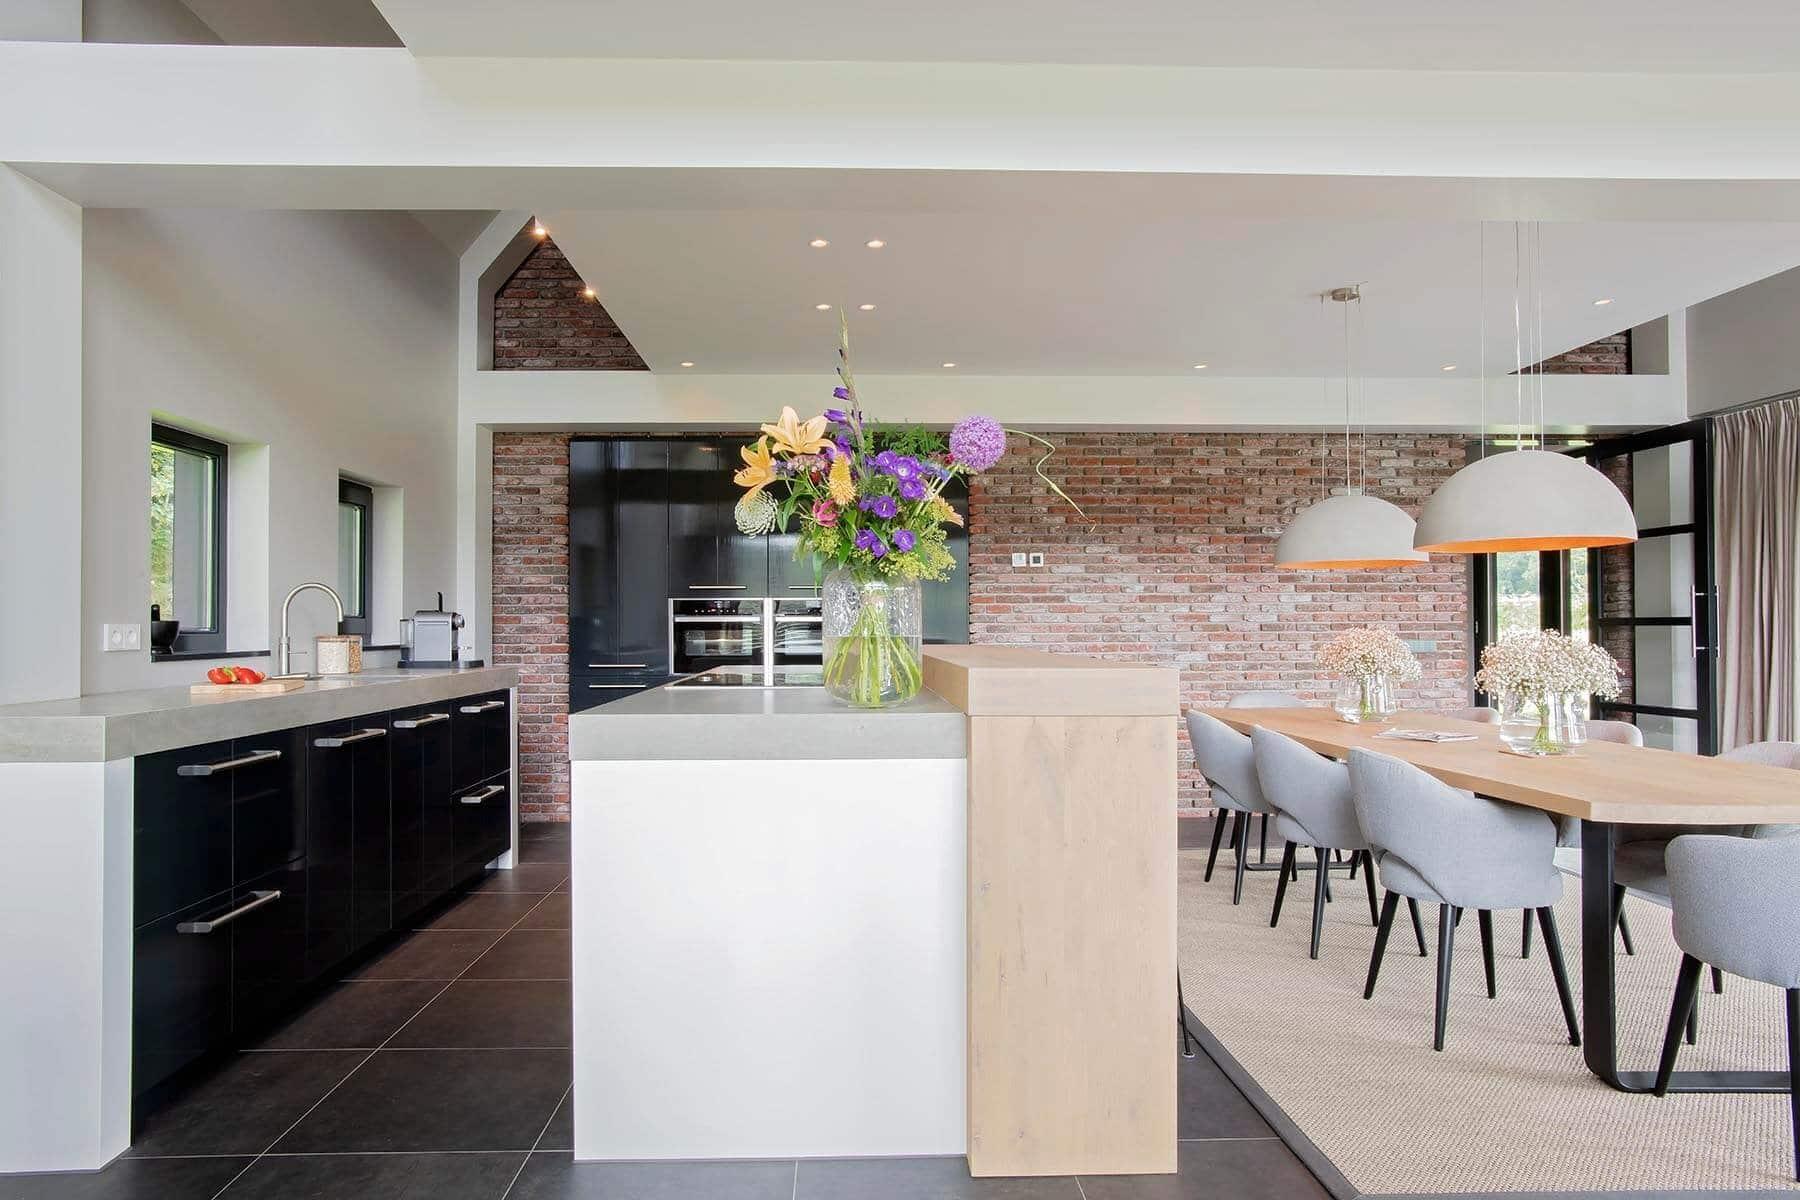 Binnenkijken in de keuken van Arnold en Susan